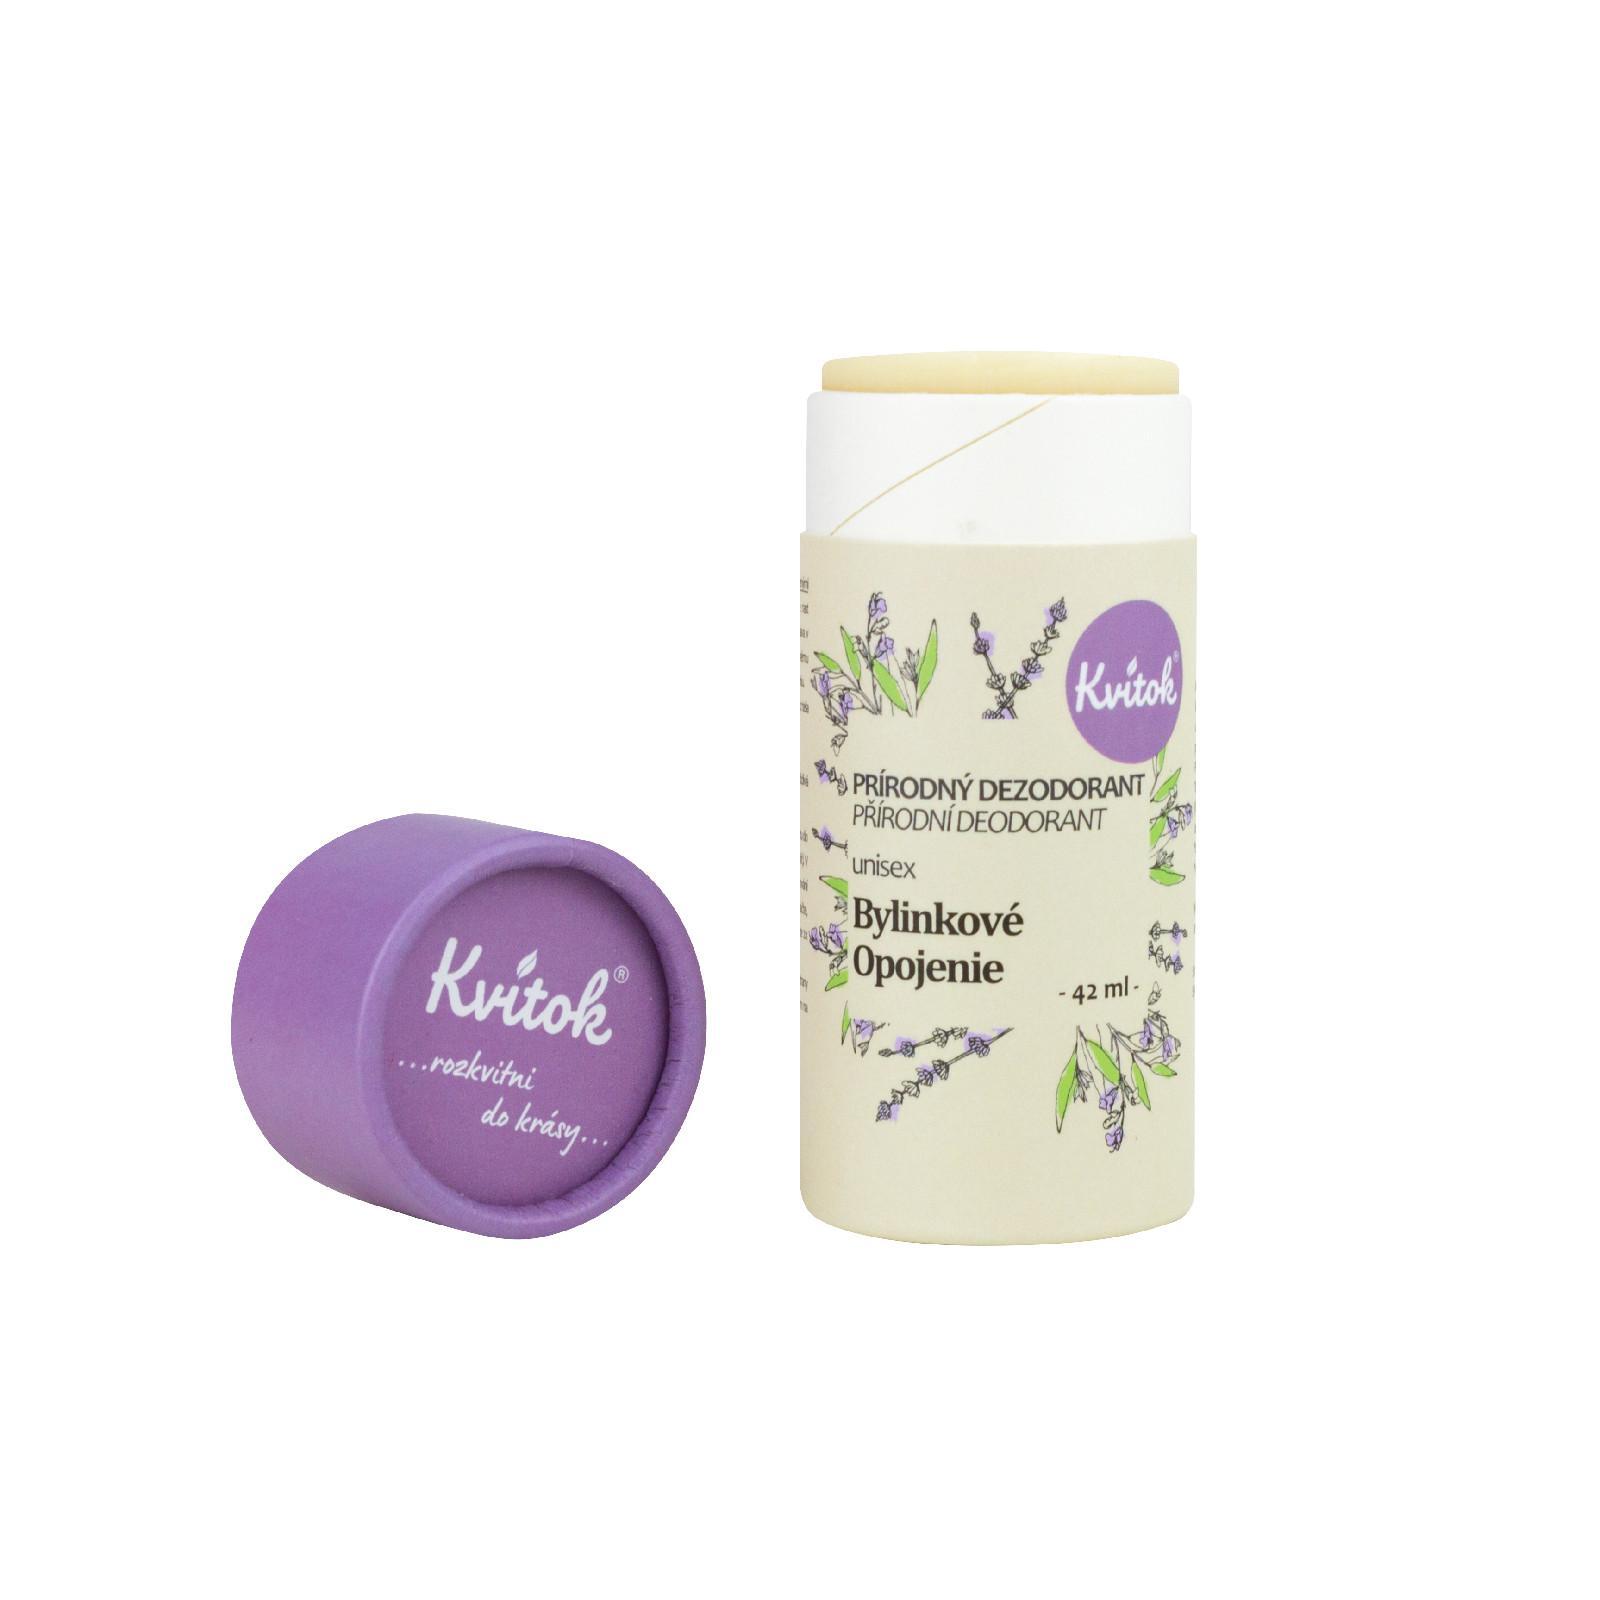 Kvitok Tuhý deodorant, bylinkové opojení 42 ml